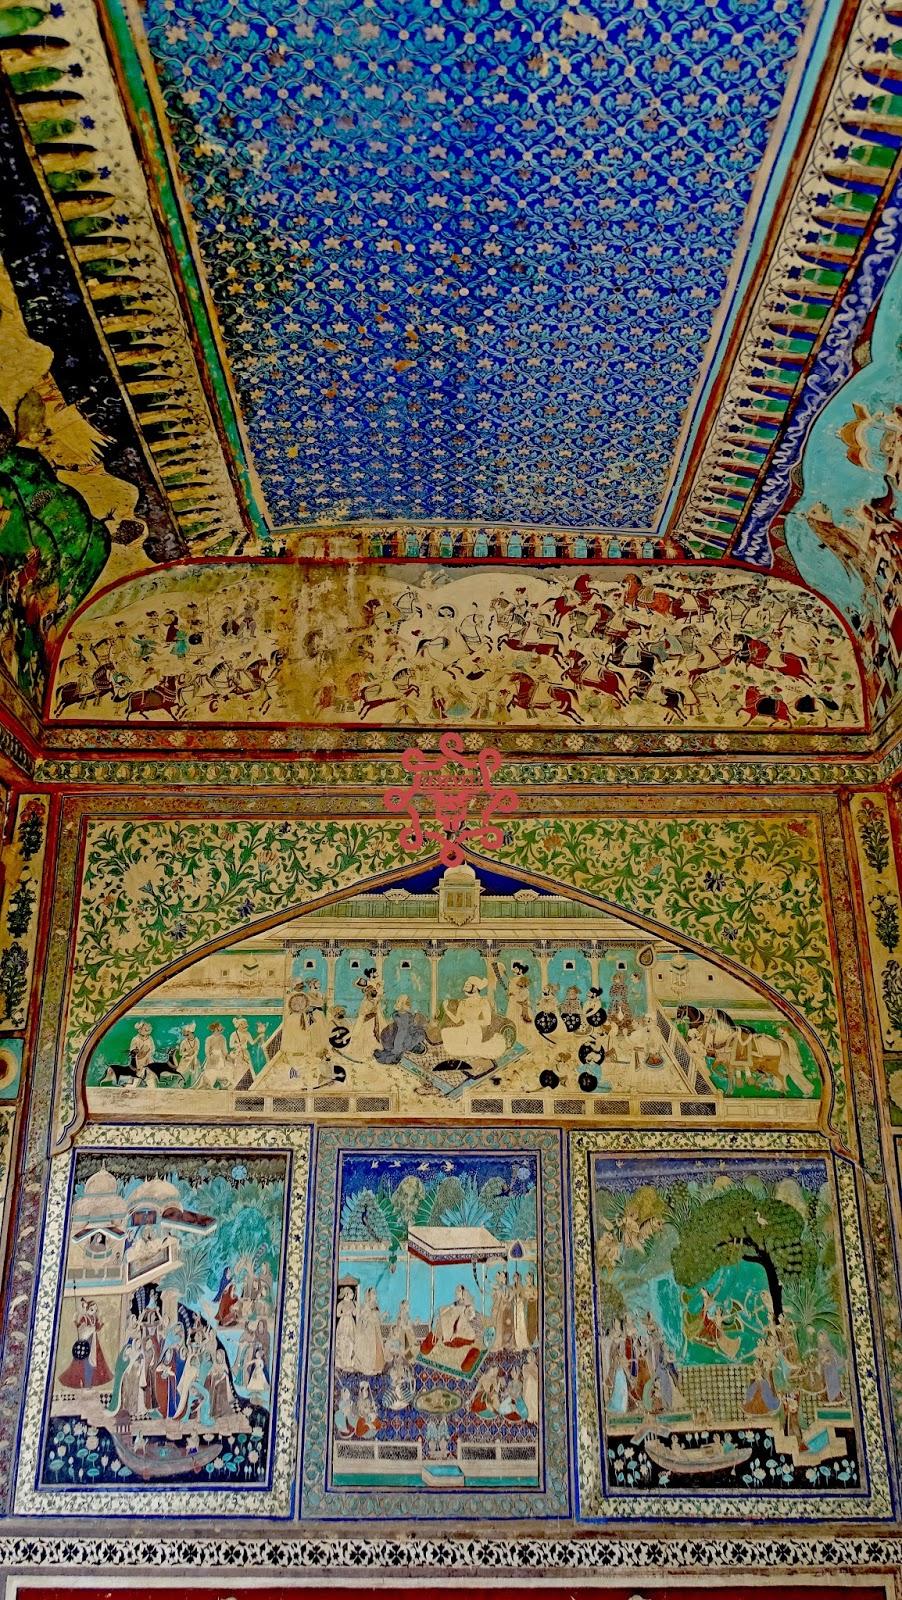 Chitrashala Bundi Palace